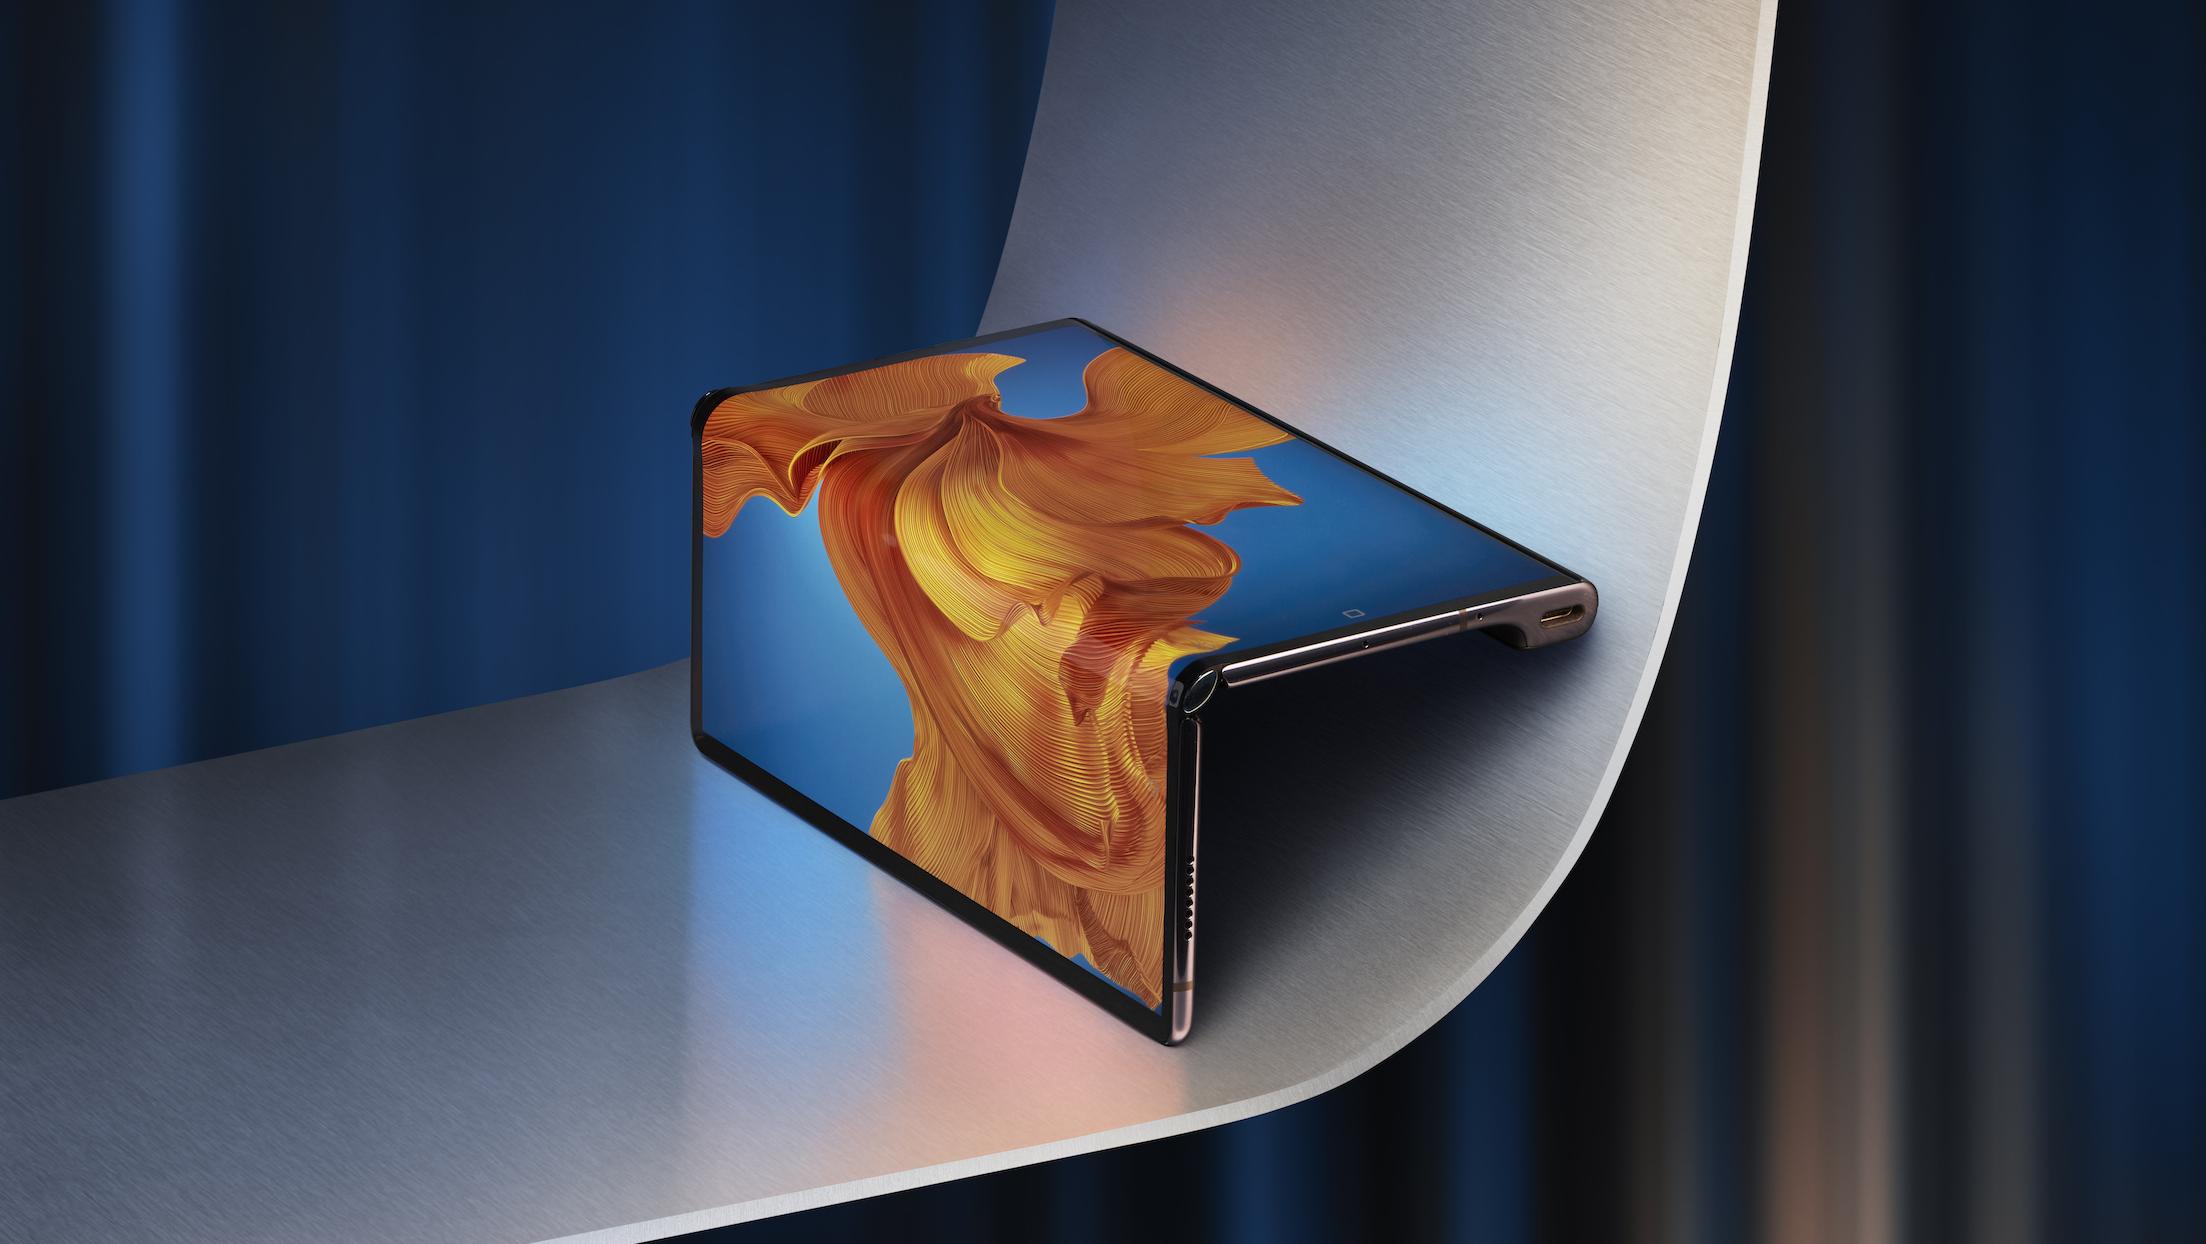 Huawei Mate Xs míří do Česka, přijde na 59 999 Kč [aktualizováno]